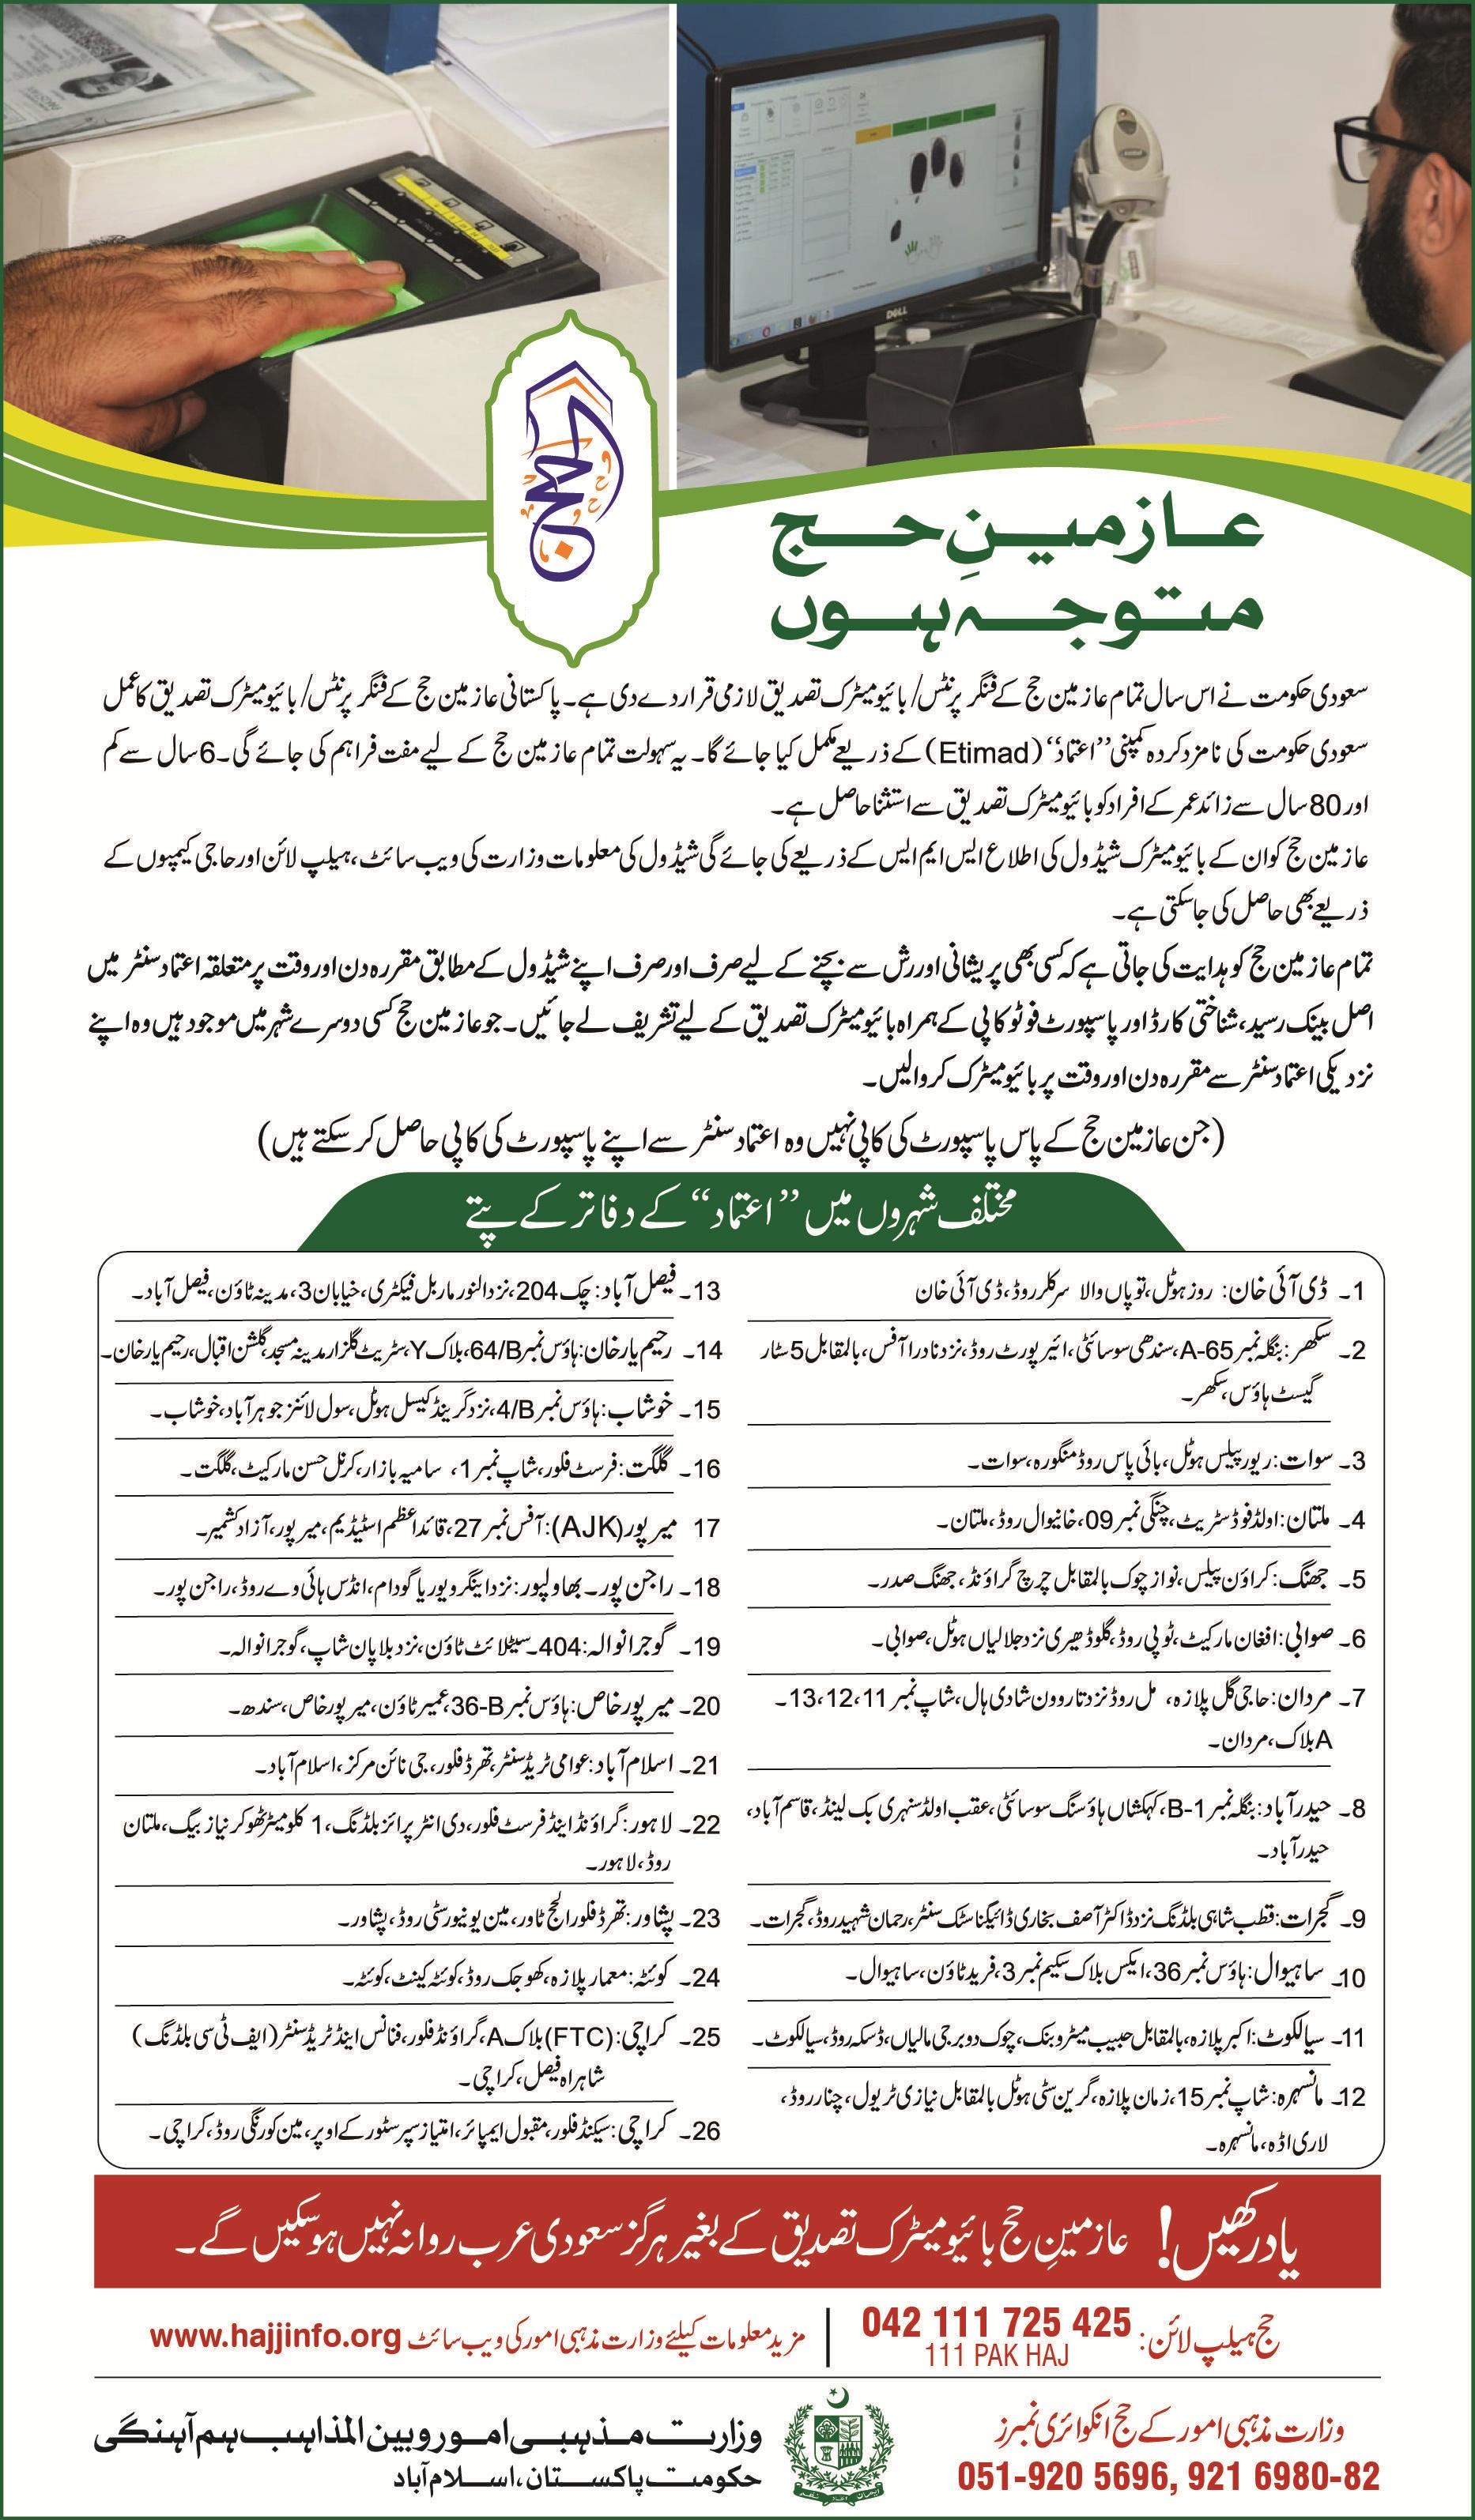 Hajj Information 2019 In Pakistan